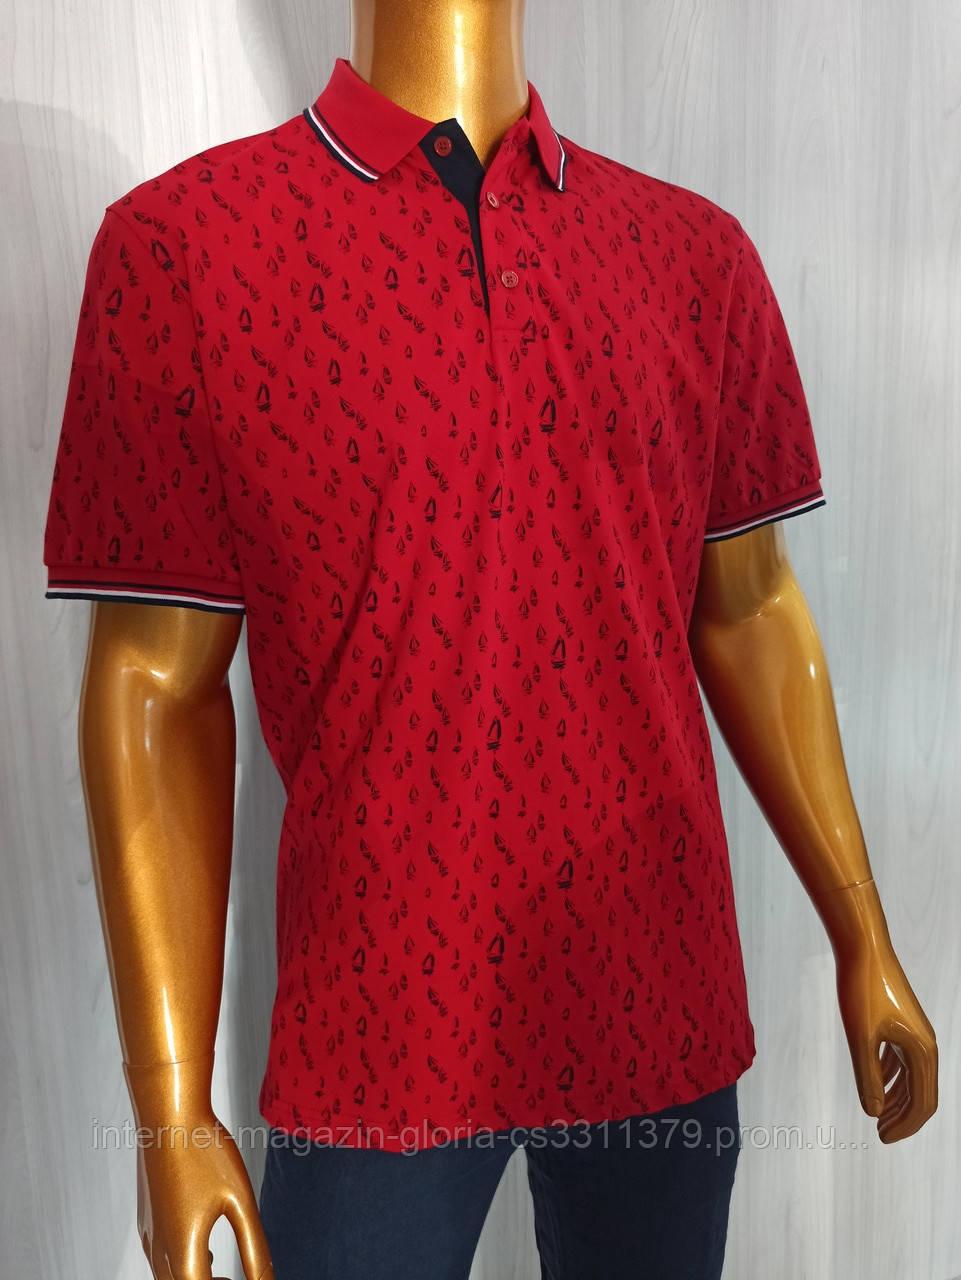 Мужская футболка поло Tony Montana. PSL-3266(b). Размеры: M,L,XL,XXL.